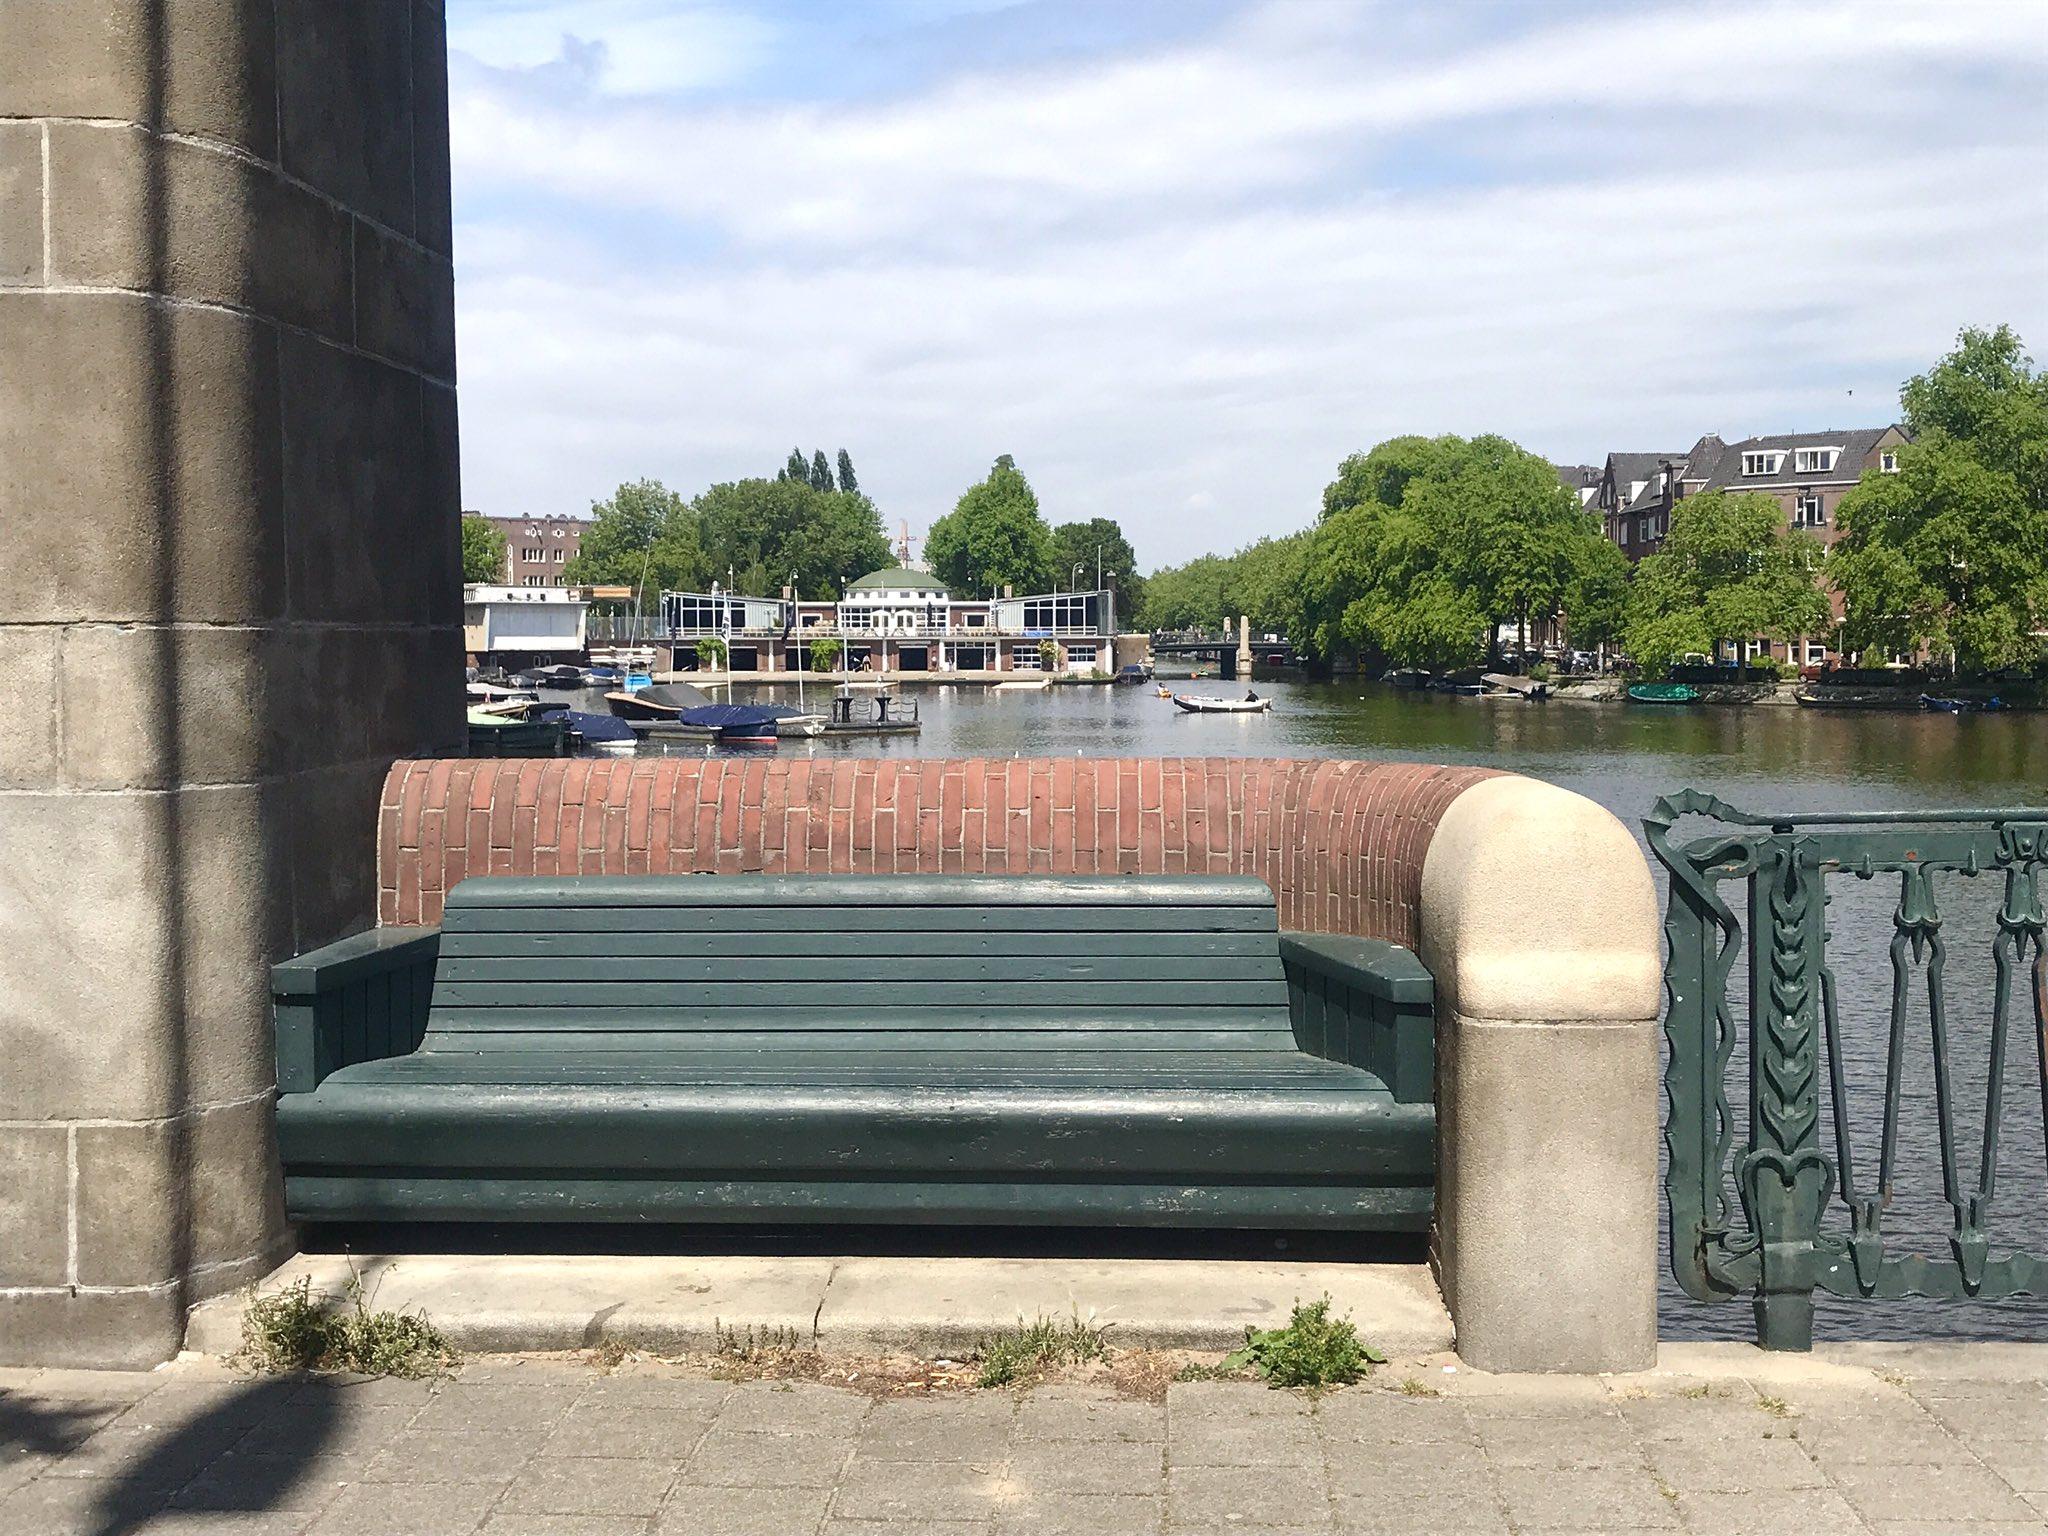 rt-davidesworld-lekker-beschut-bankje-op-de-brug-van-piet-kramer-bij-het-muzenplein-amsterdamseschool-https-t-co-dqgymroqb1